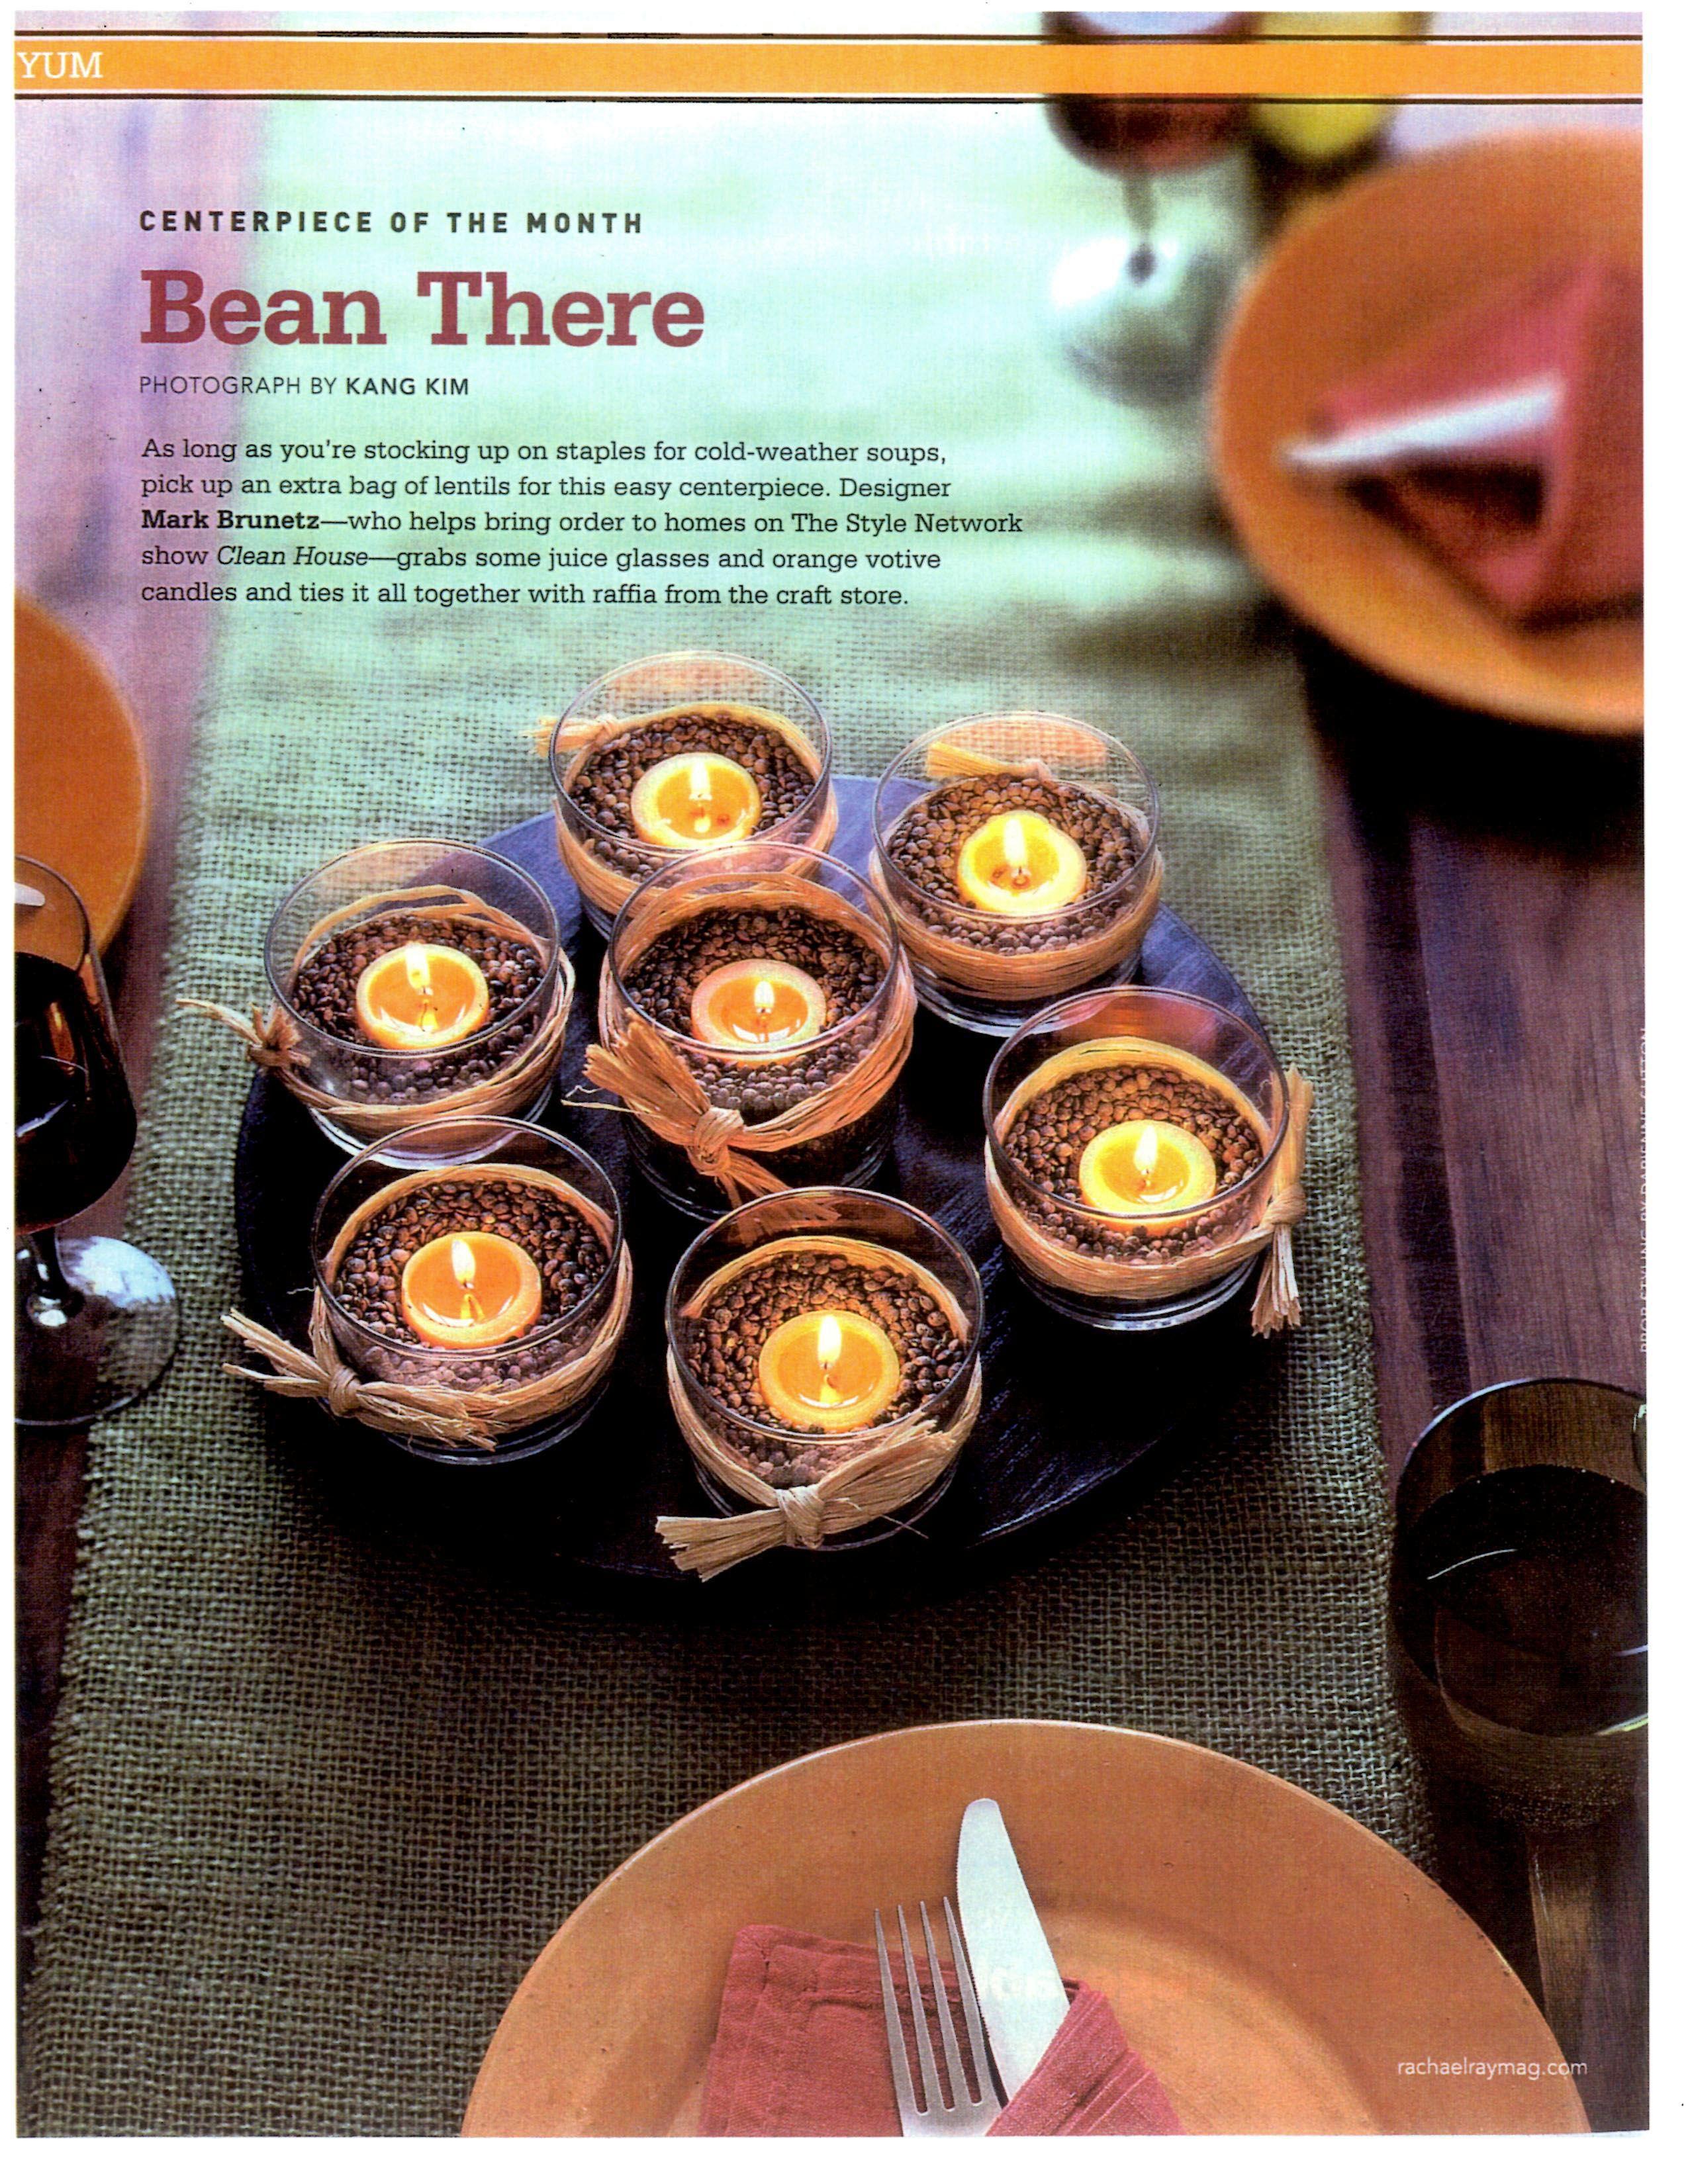 Lentils, juice glasses, and votive candles